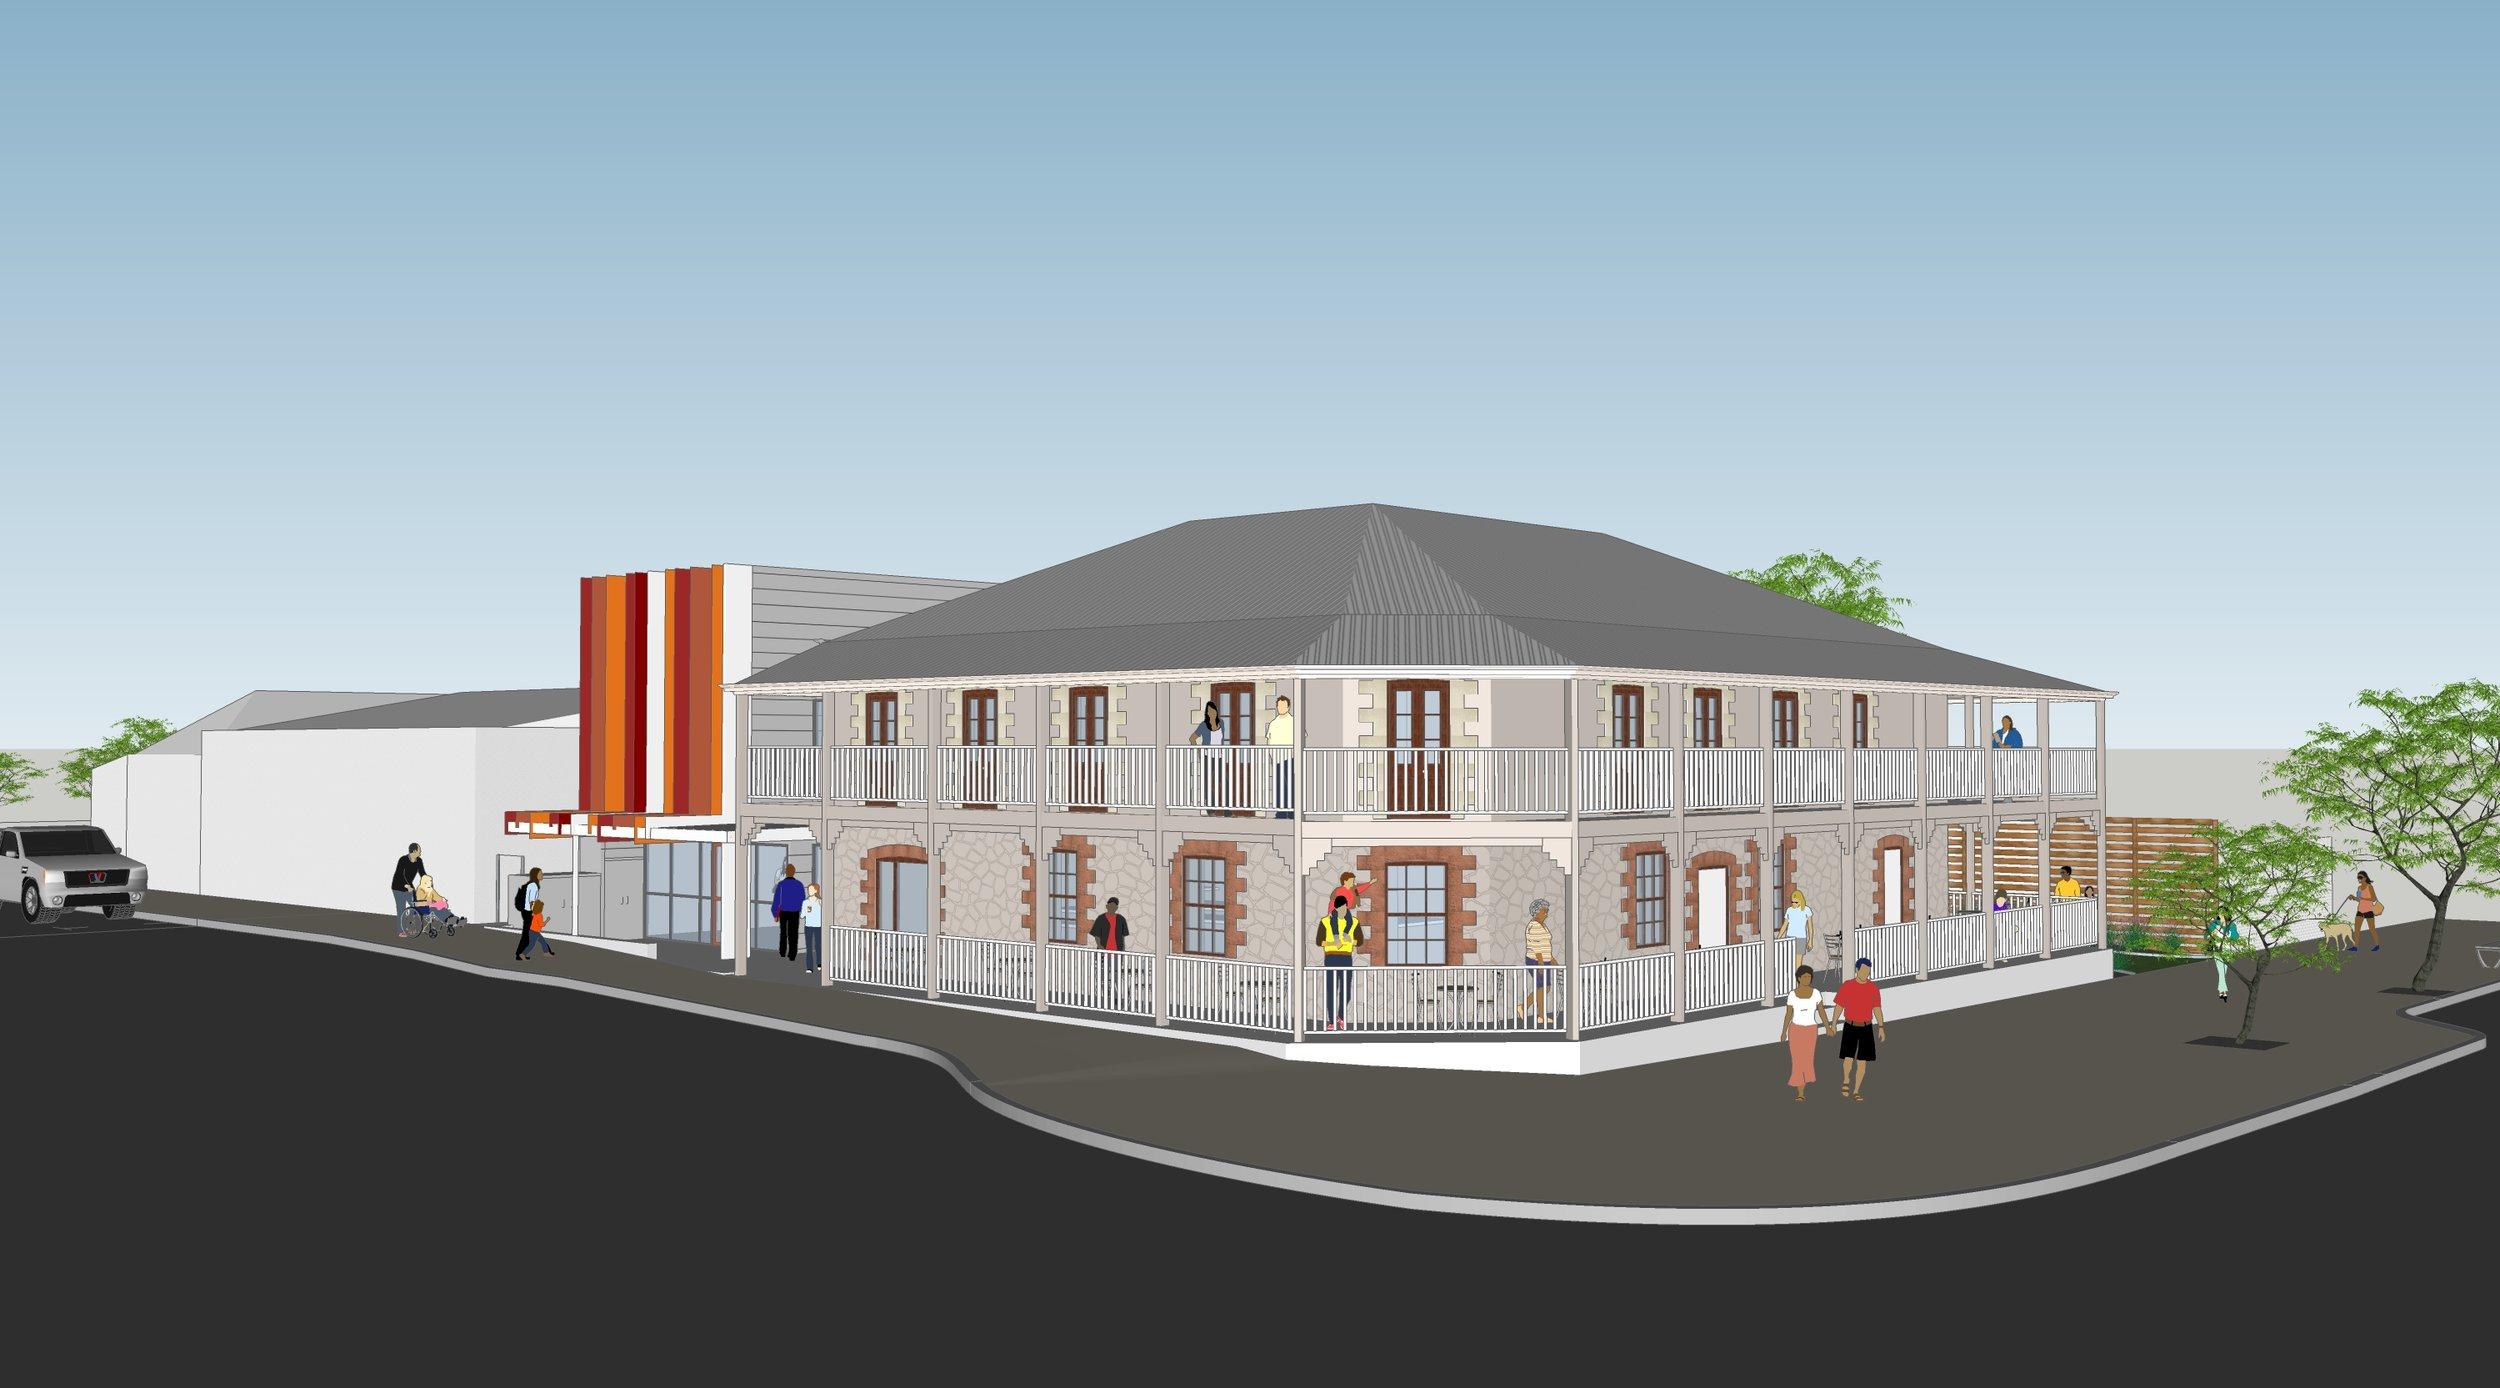 18102016 Roebourne Model Scene 2.jpg